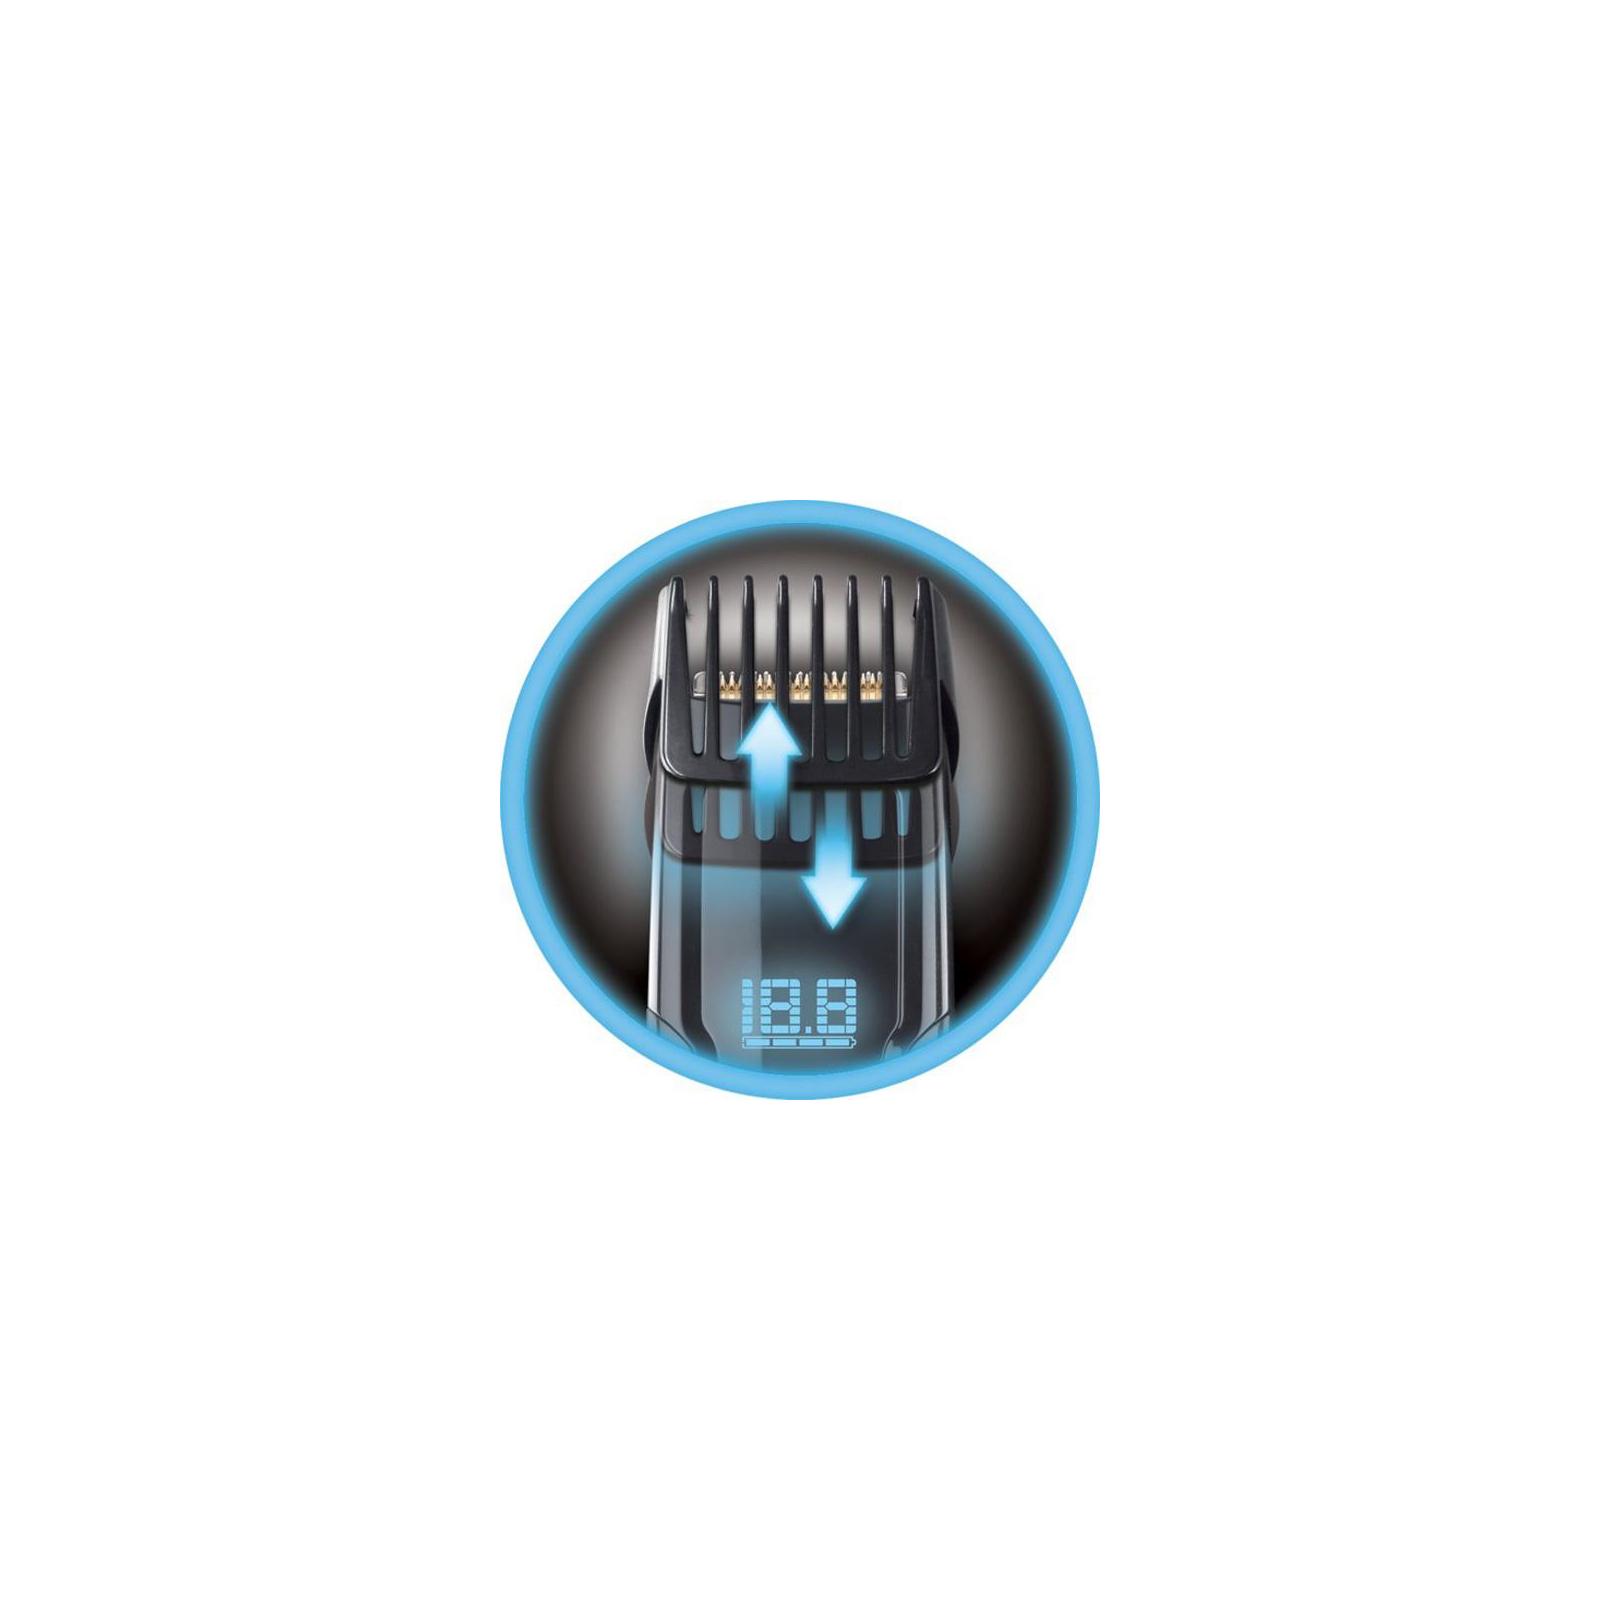 Триммер Remington TouchTech (MB4700) изображение 4